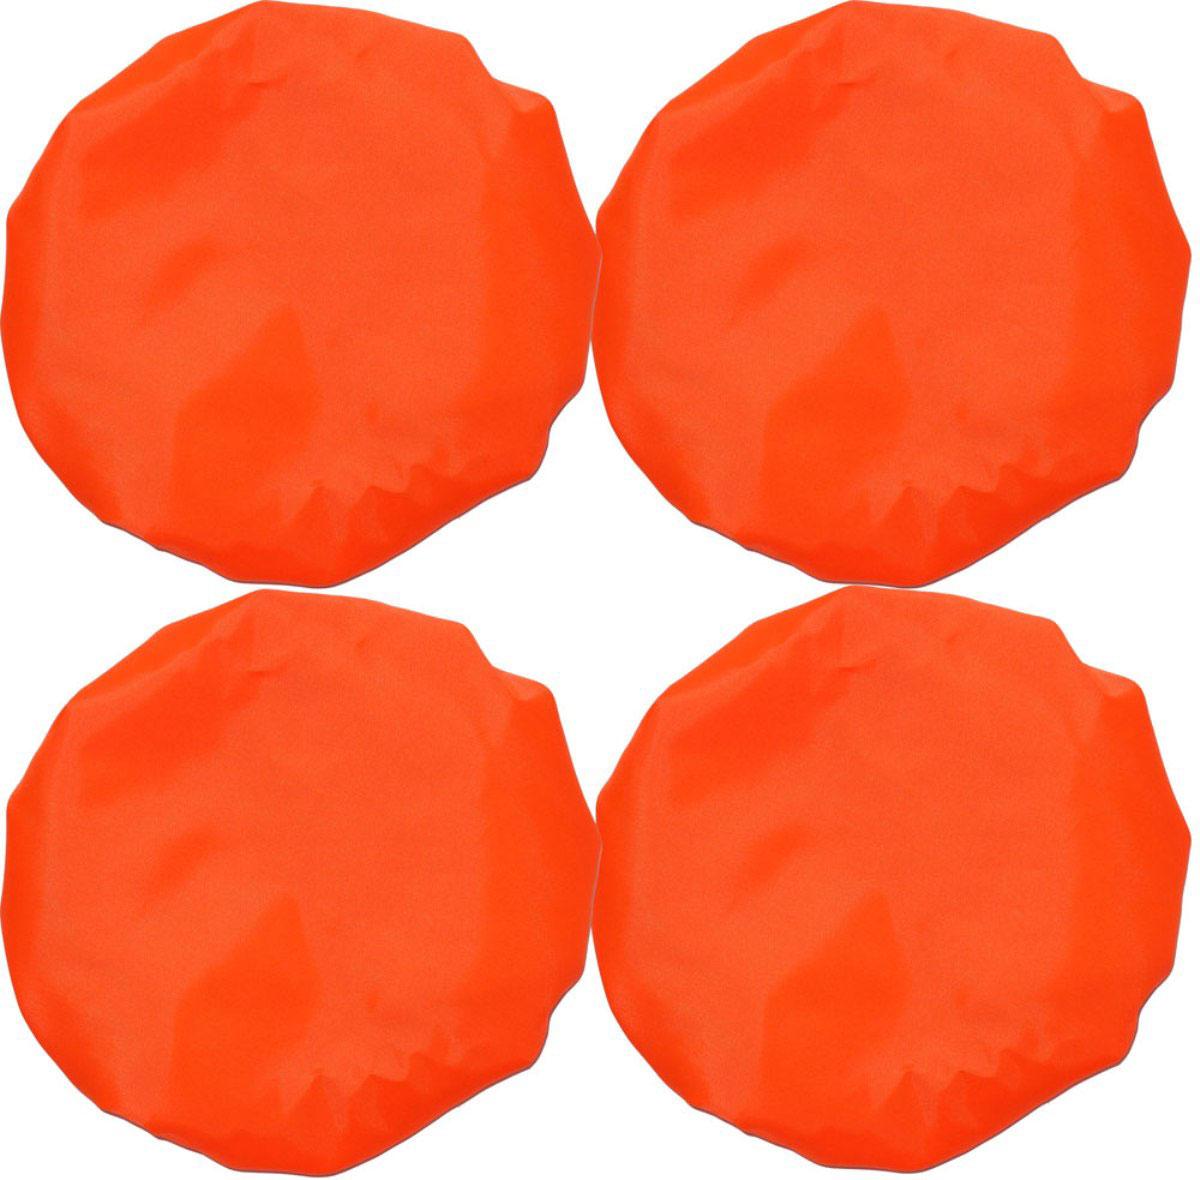 Чудо-Чадо Чехлы на колеса для коляски диаметр 28-38 см цвет оранжевый 4 шт чехлы колеса детской коляски